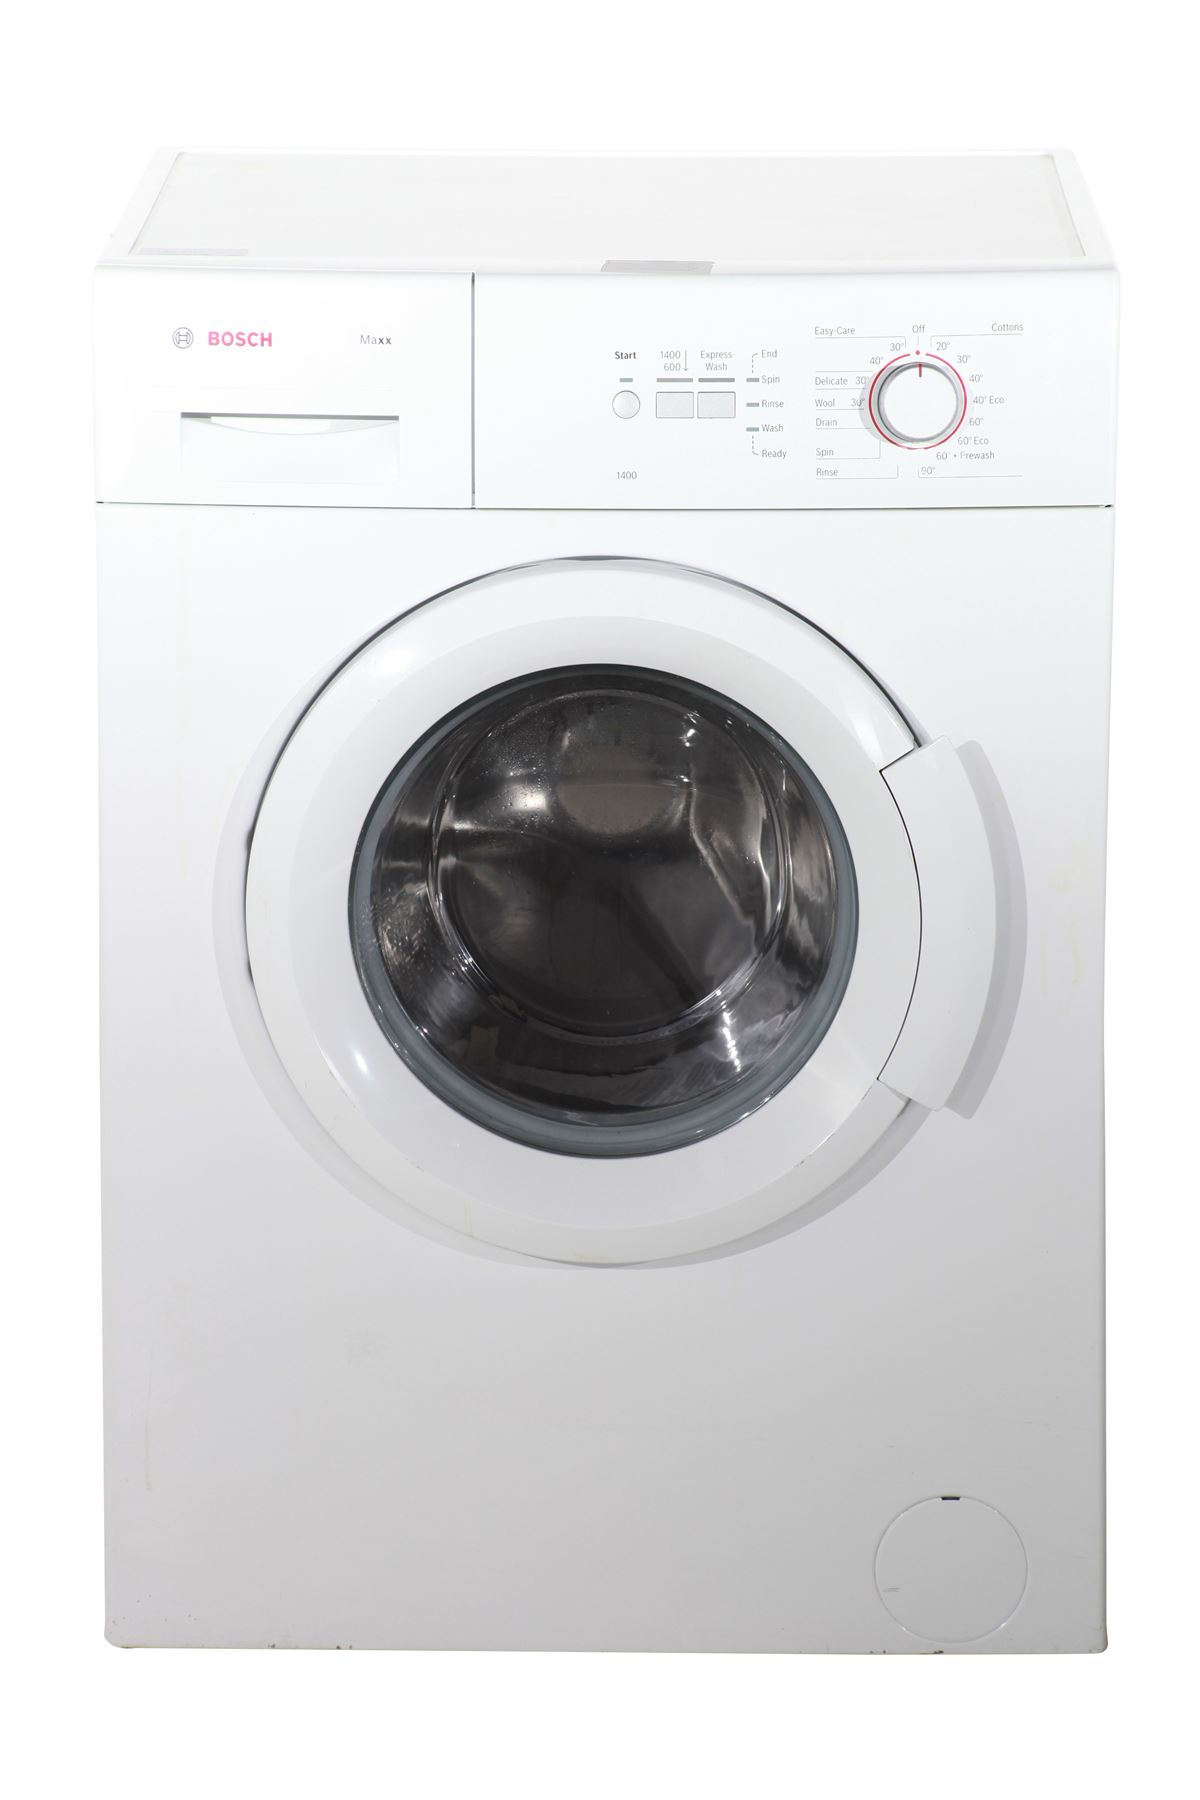 bosch maxx 5 waschmaschine bosch maxx 7 exclusiv varioperfect wae28496 waschmaschine bosch. Black Bedroom Furniture Sets. Home Design Ideas